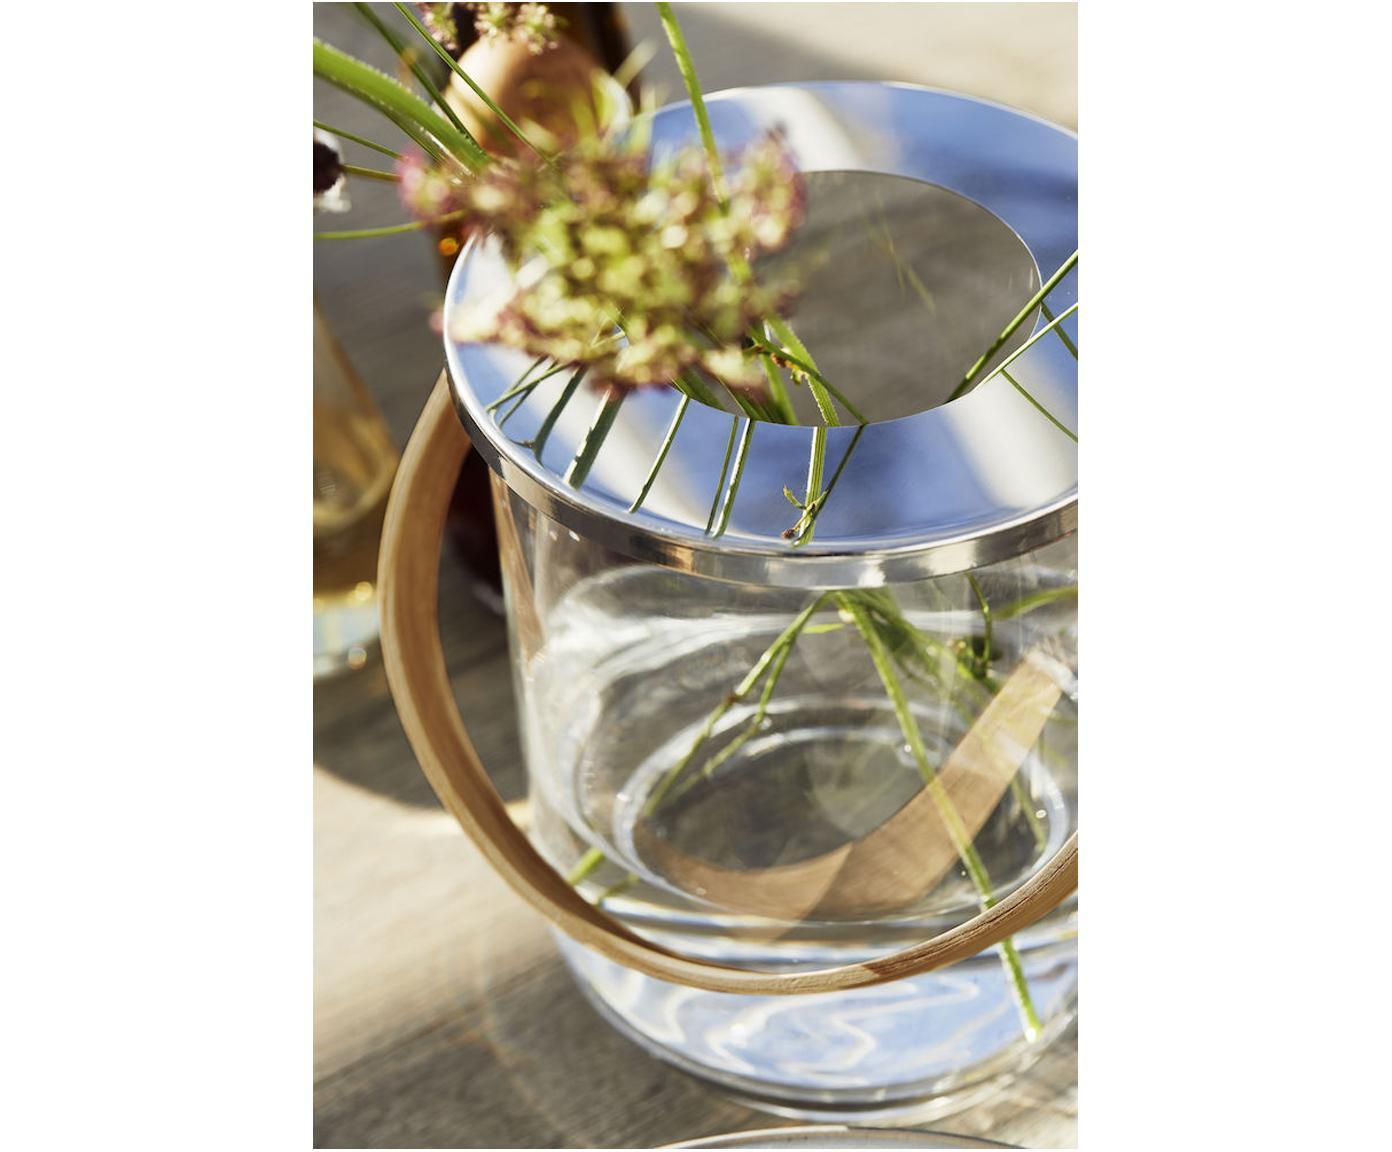 Windlicht Raphaela, Windlicht: Glas, Metall, Griff: Bambus, Transparent, Silberfarben, Bambus, Ø 19 x H 23 cm